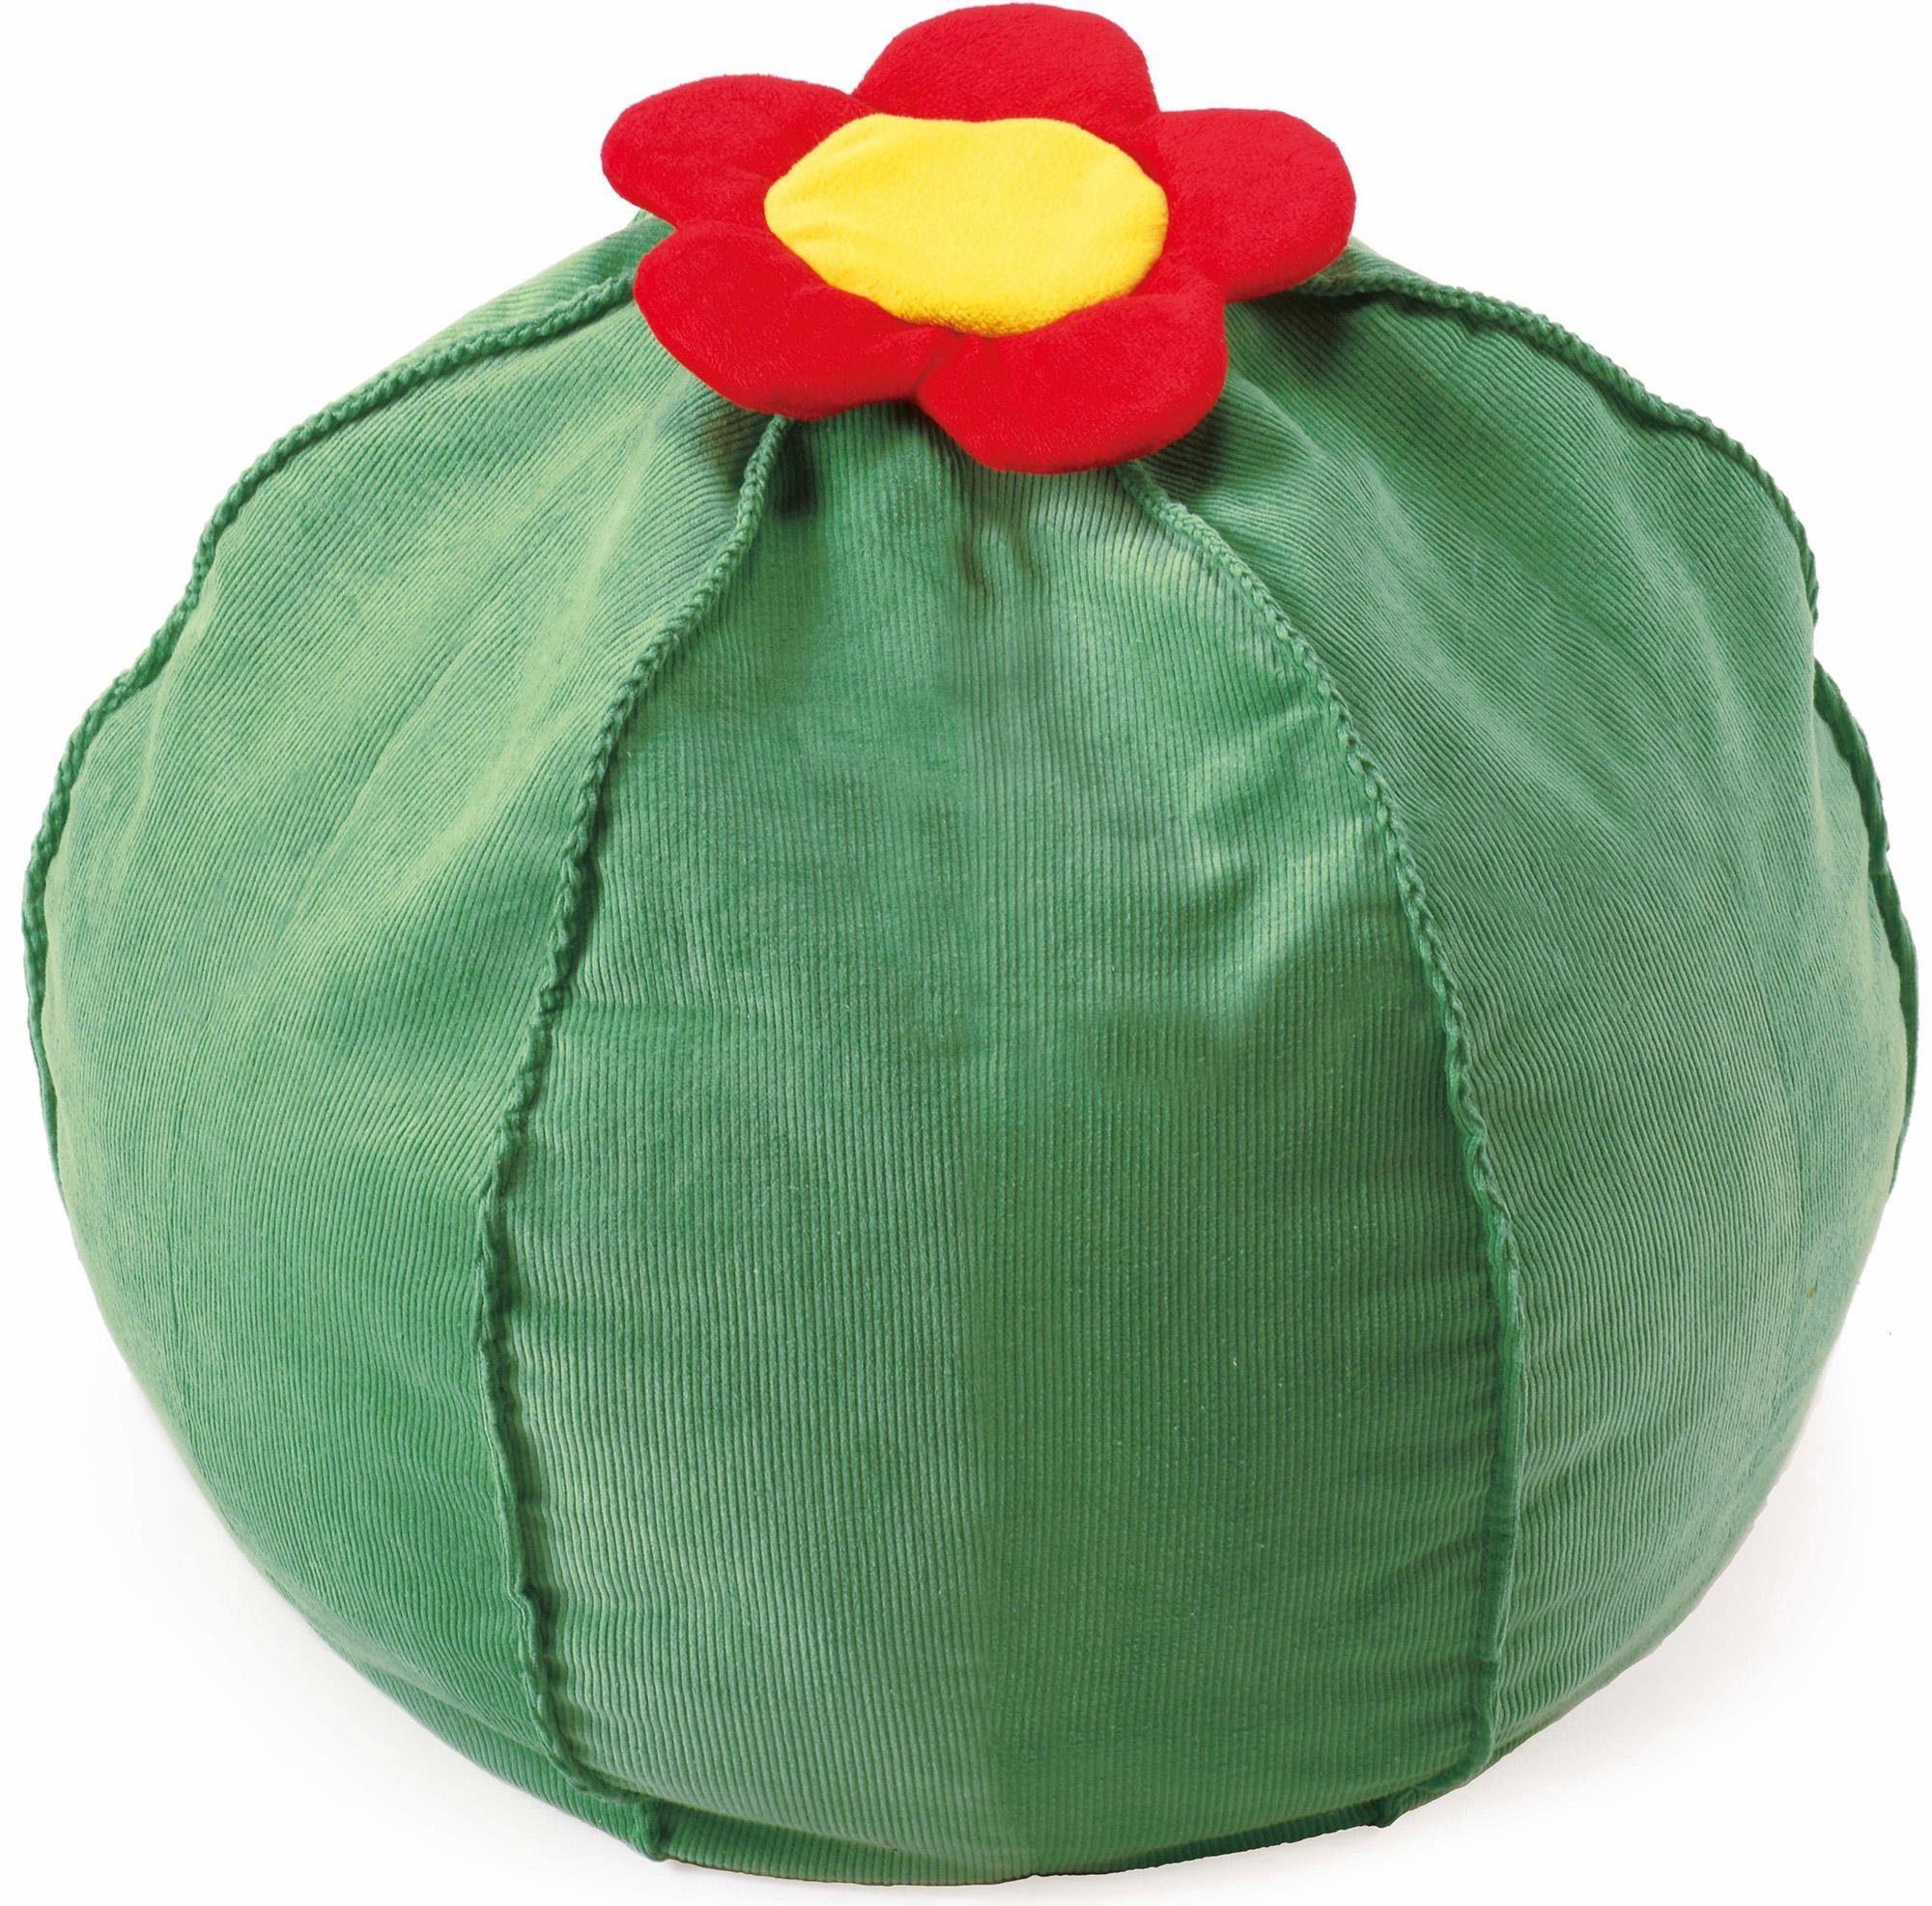 Käthe Kruse Sitzsack, »Kaktus grün«